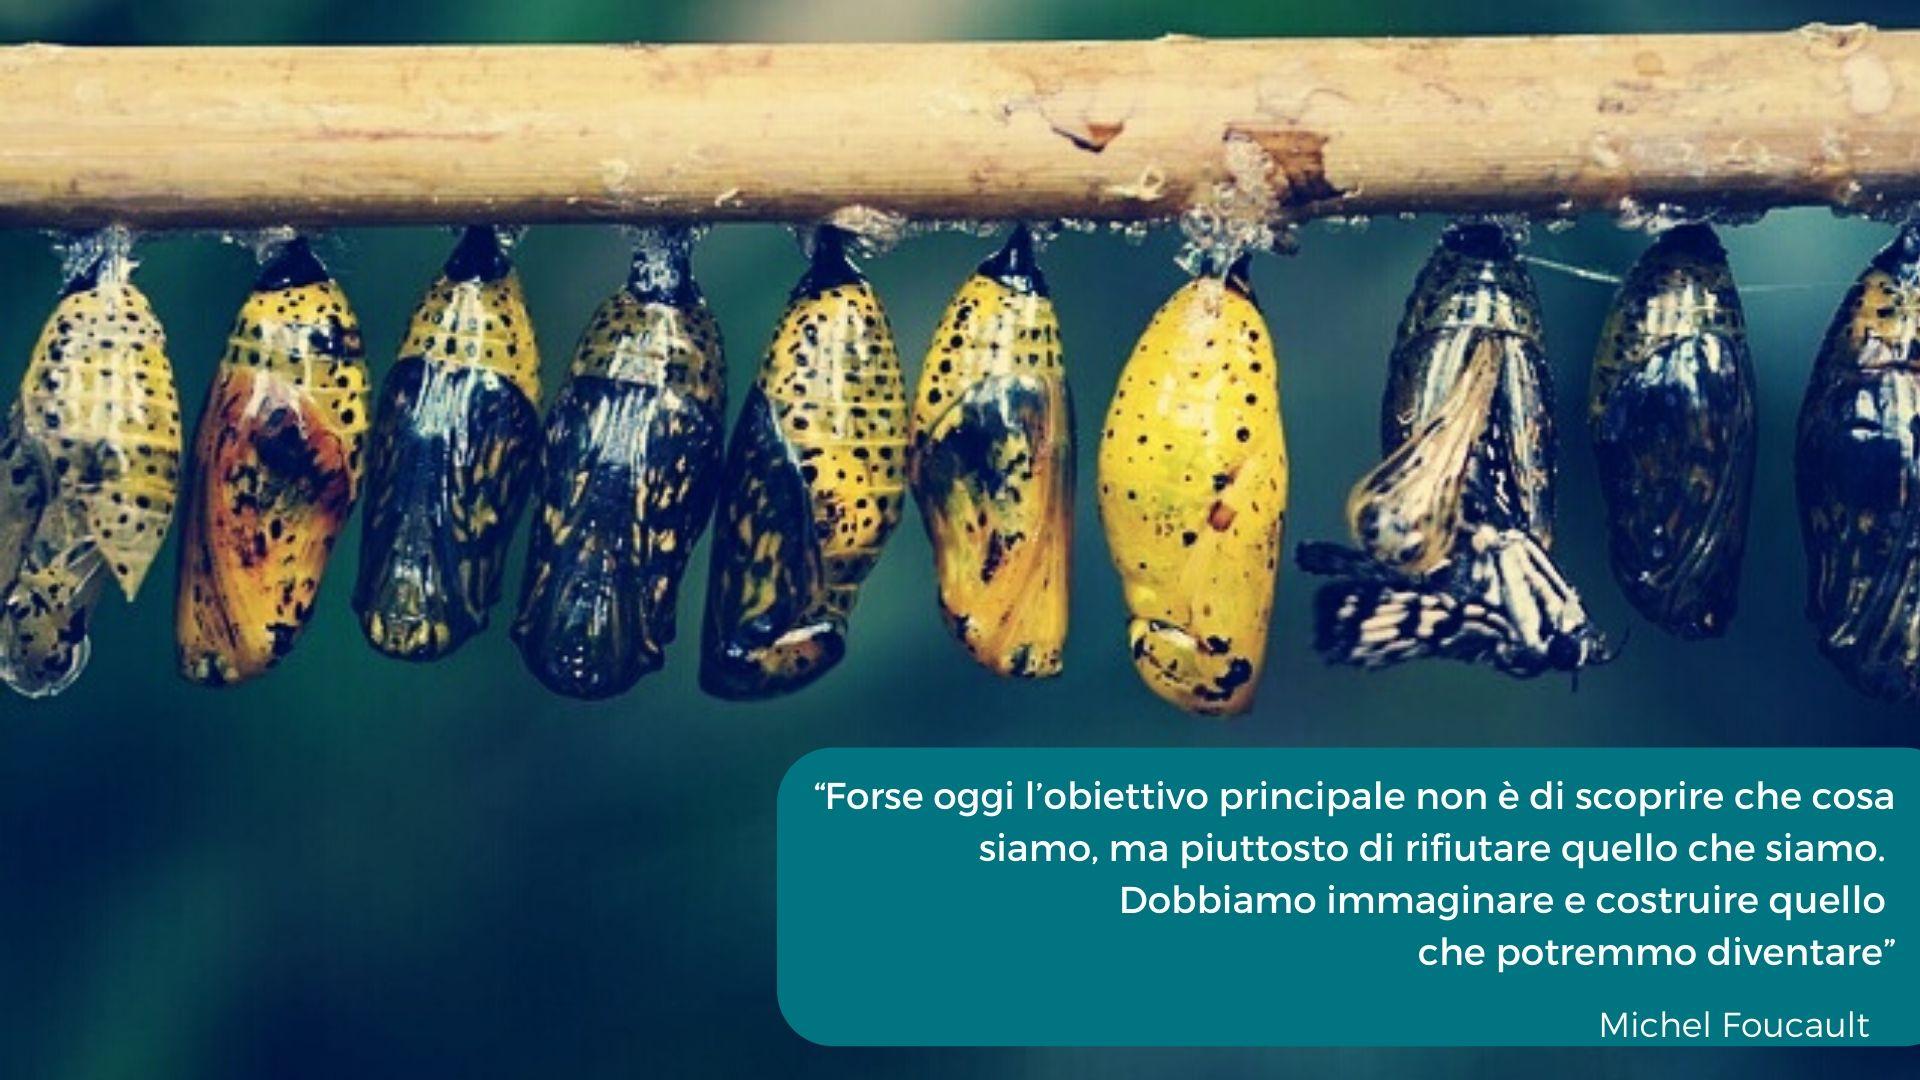 Foto con citazione Foucault